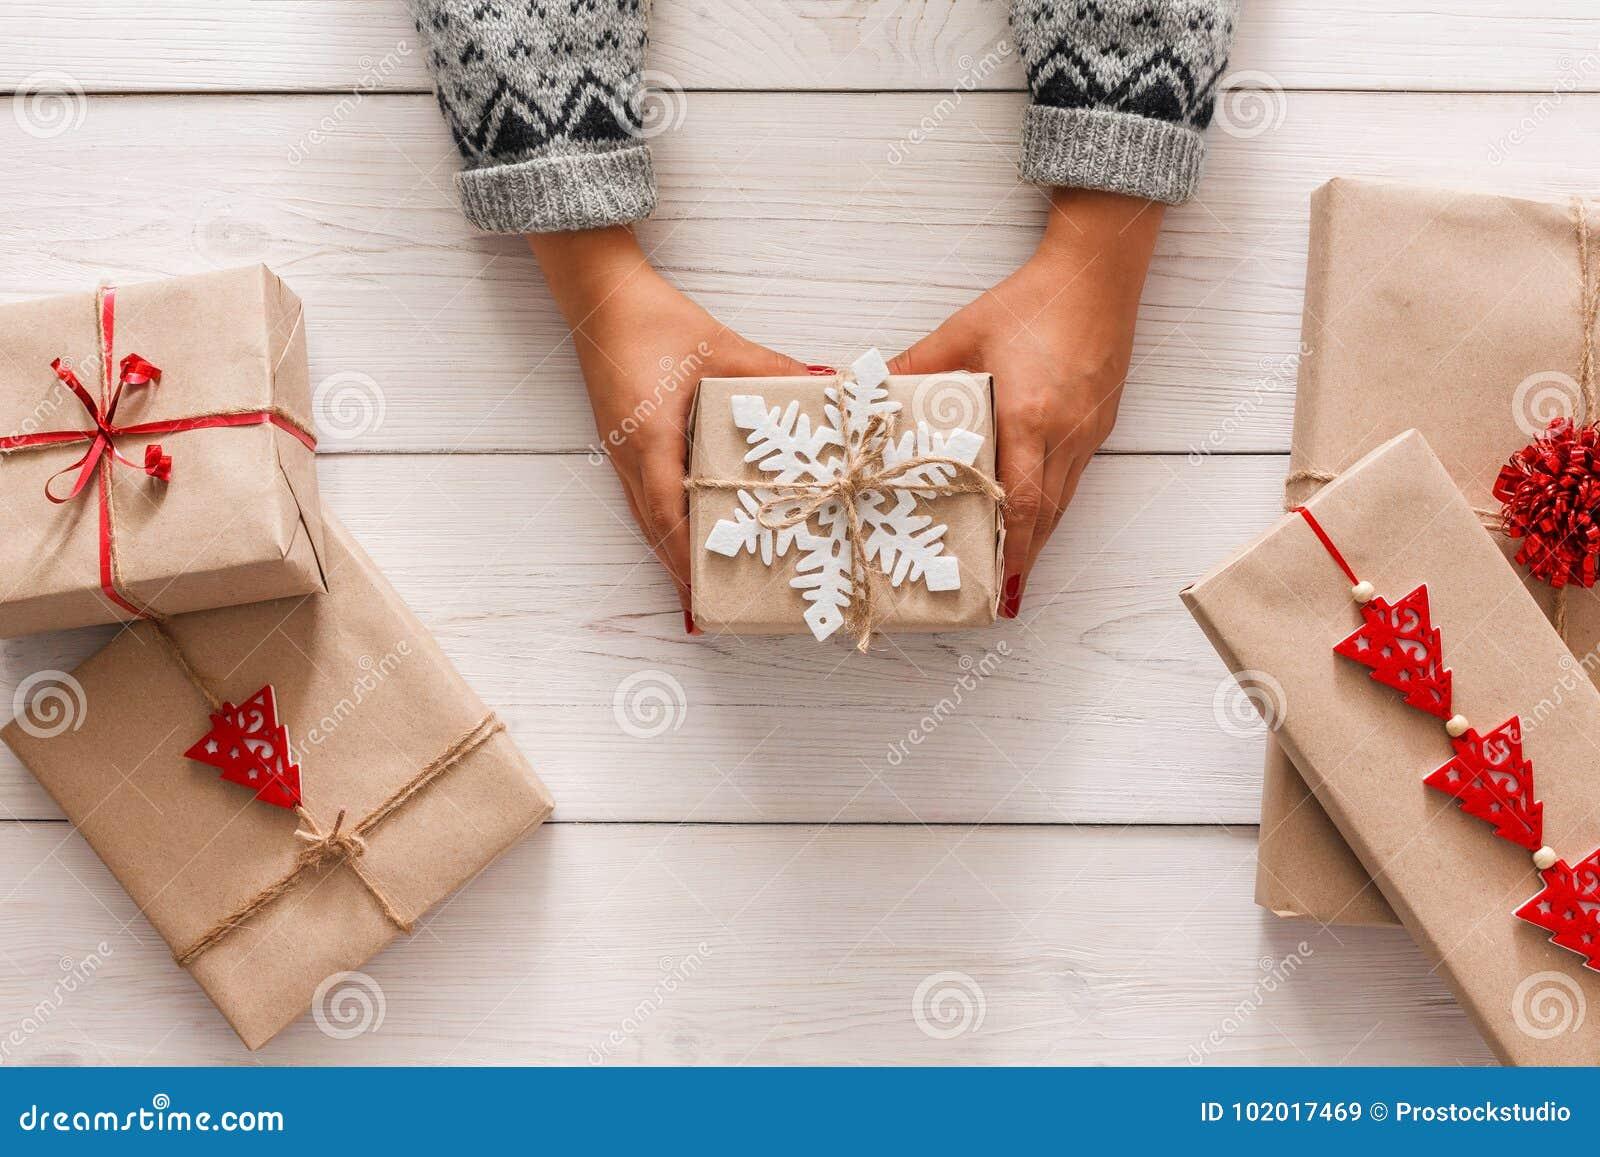 Handmade gifts for christmas holidays